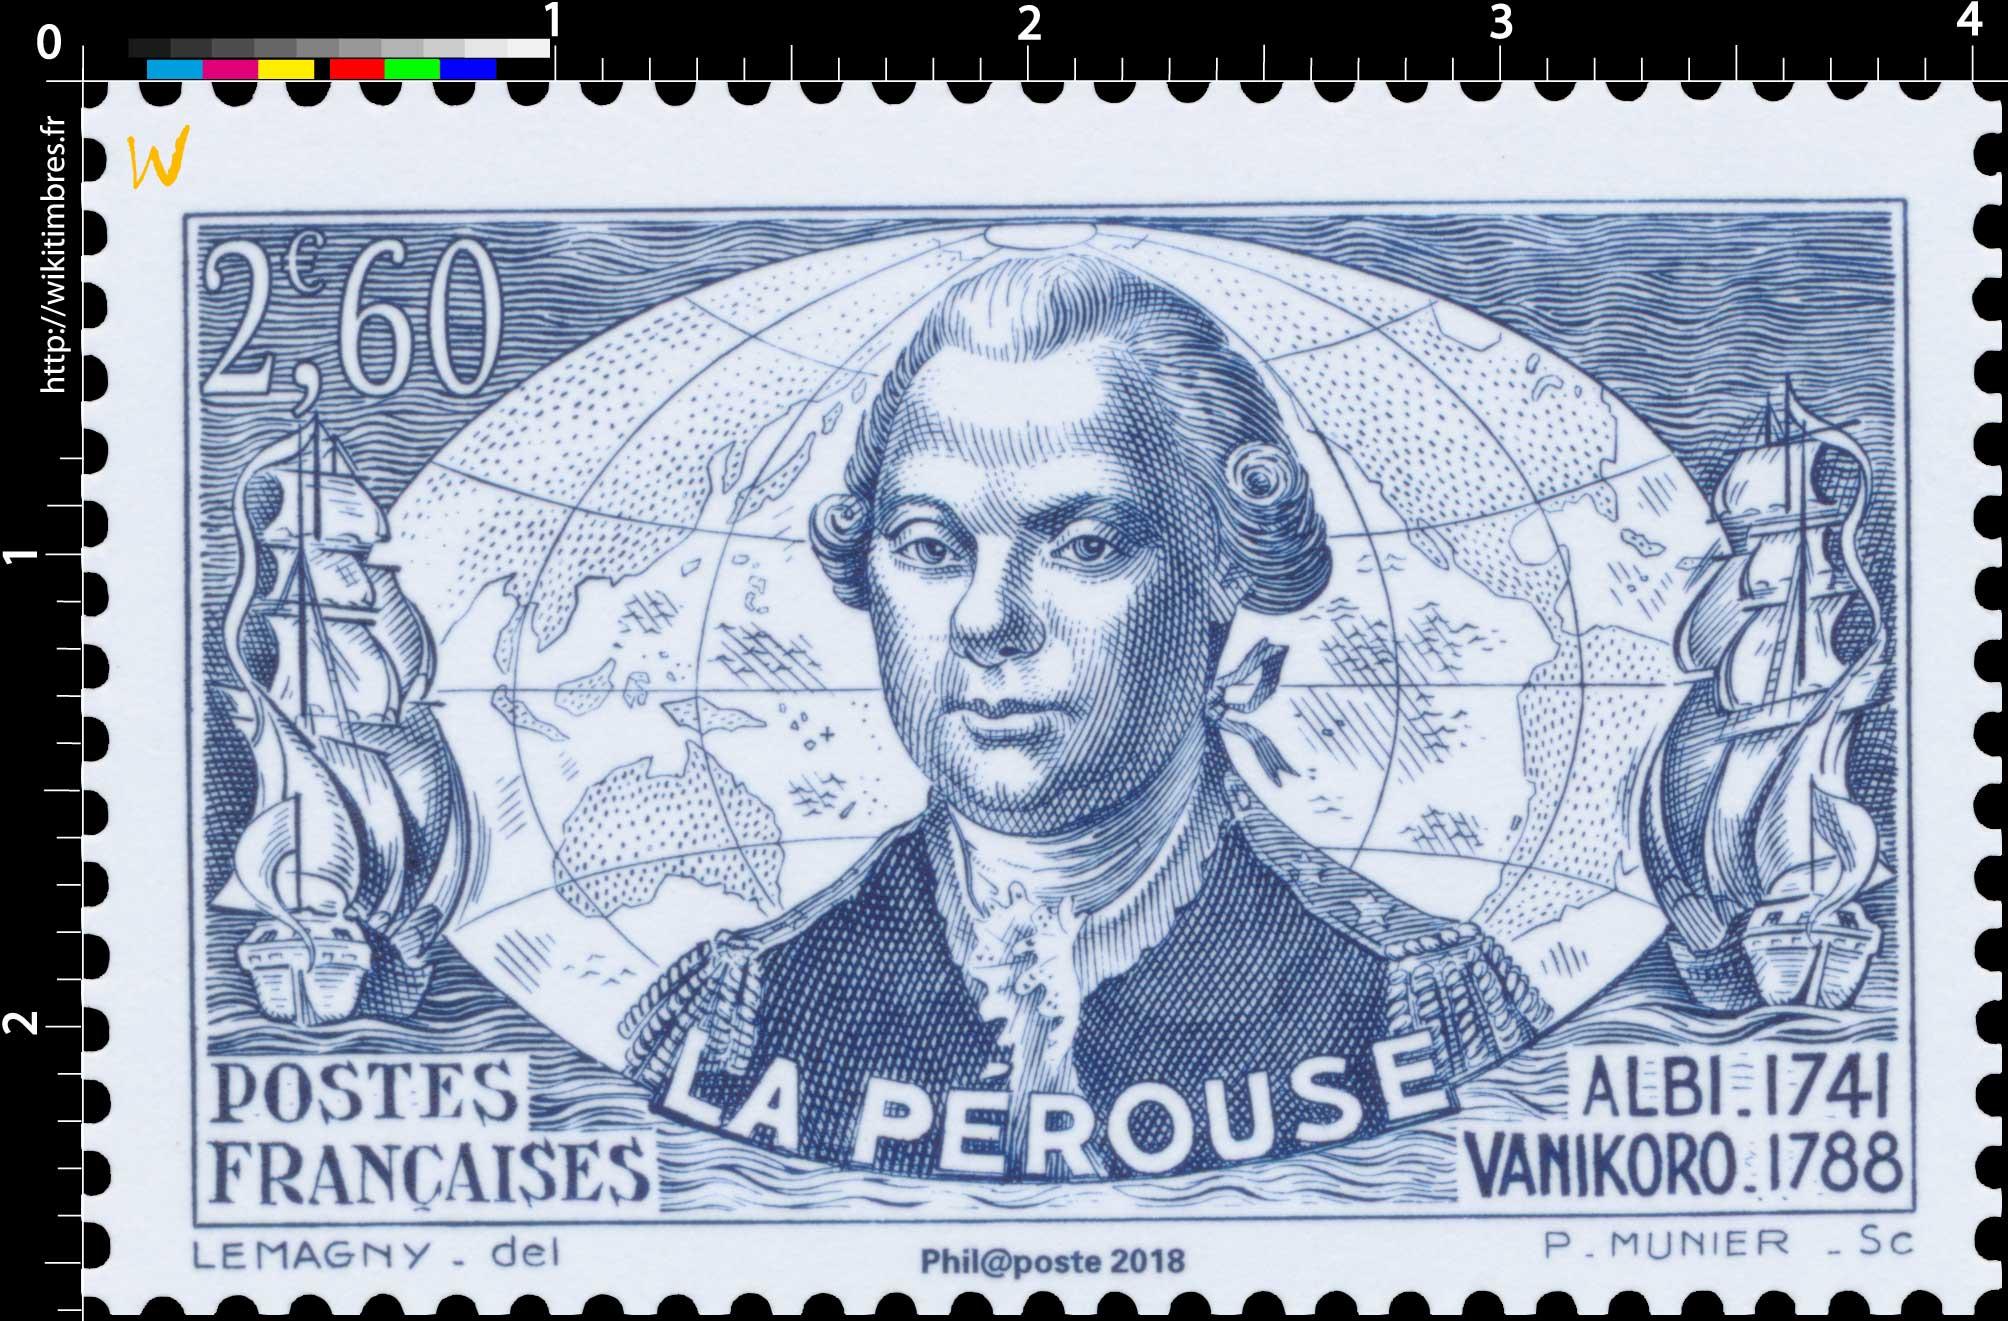 Trésors de la Philatélie 2018 - LA PÉROUSE ALBI-1741 VANIKORO-1788